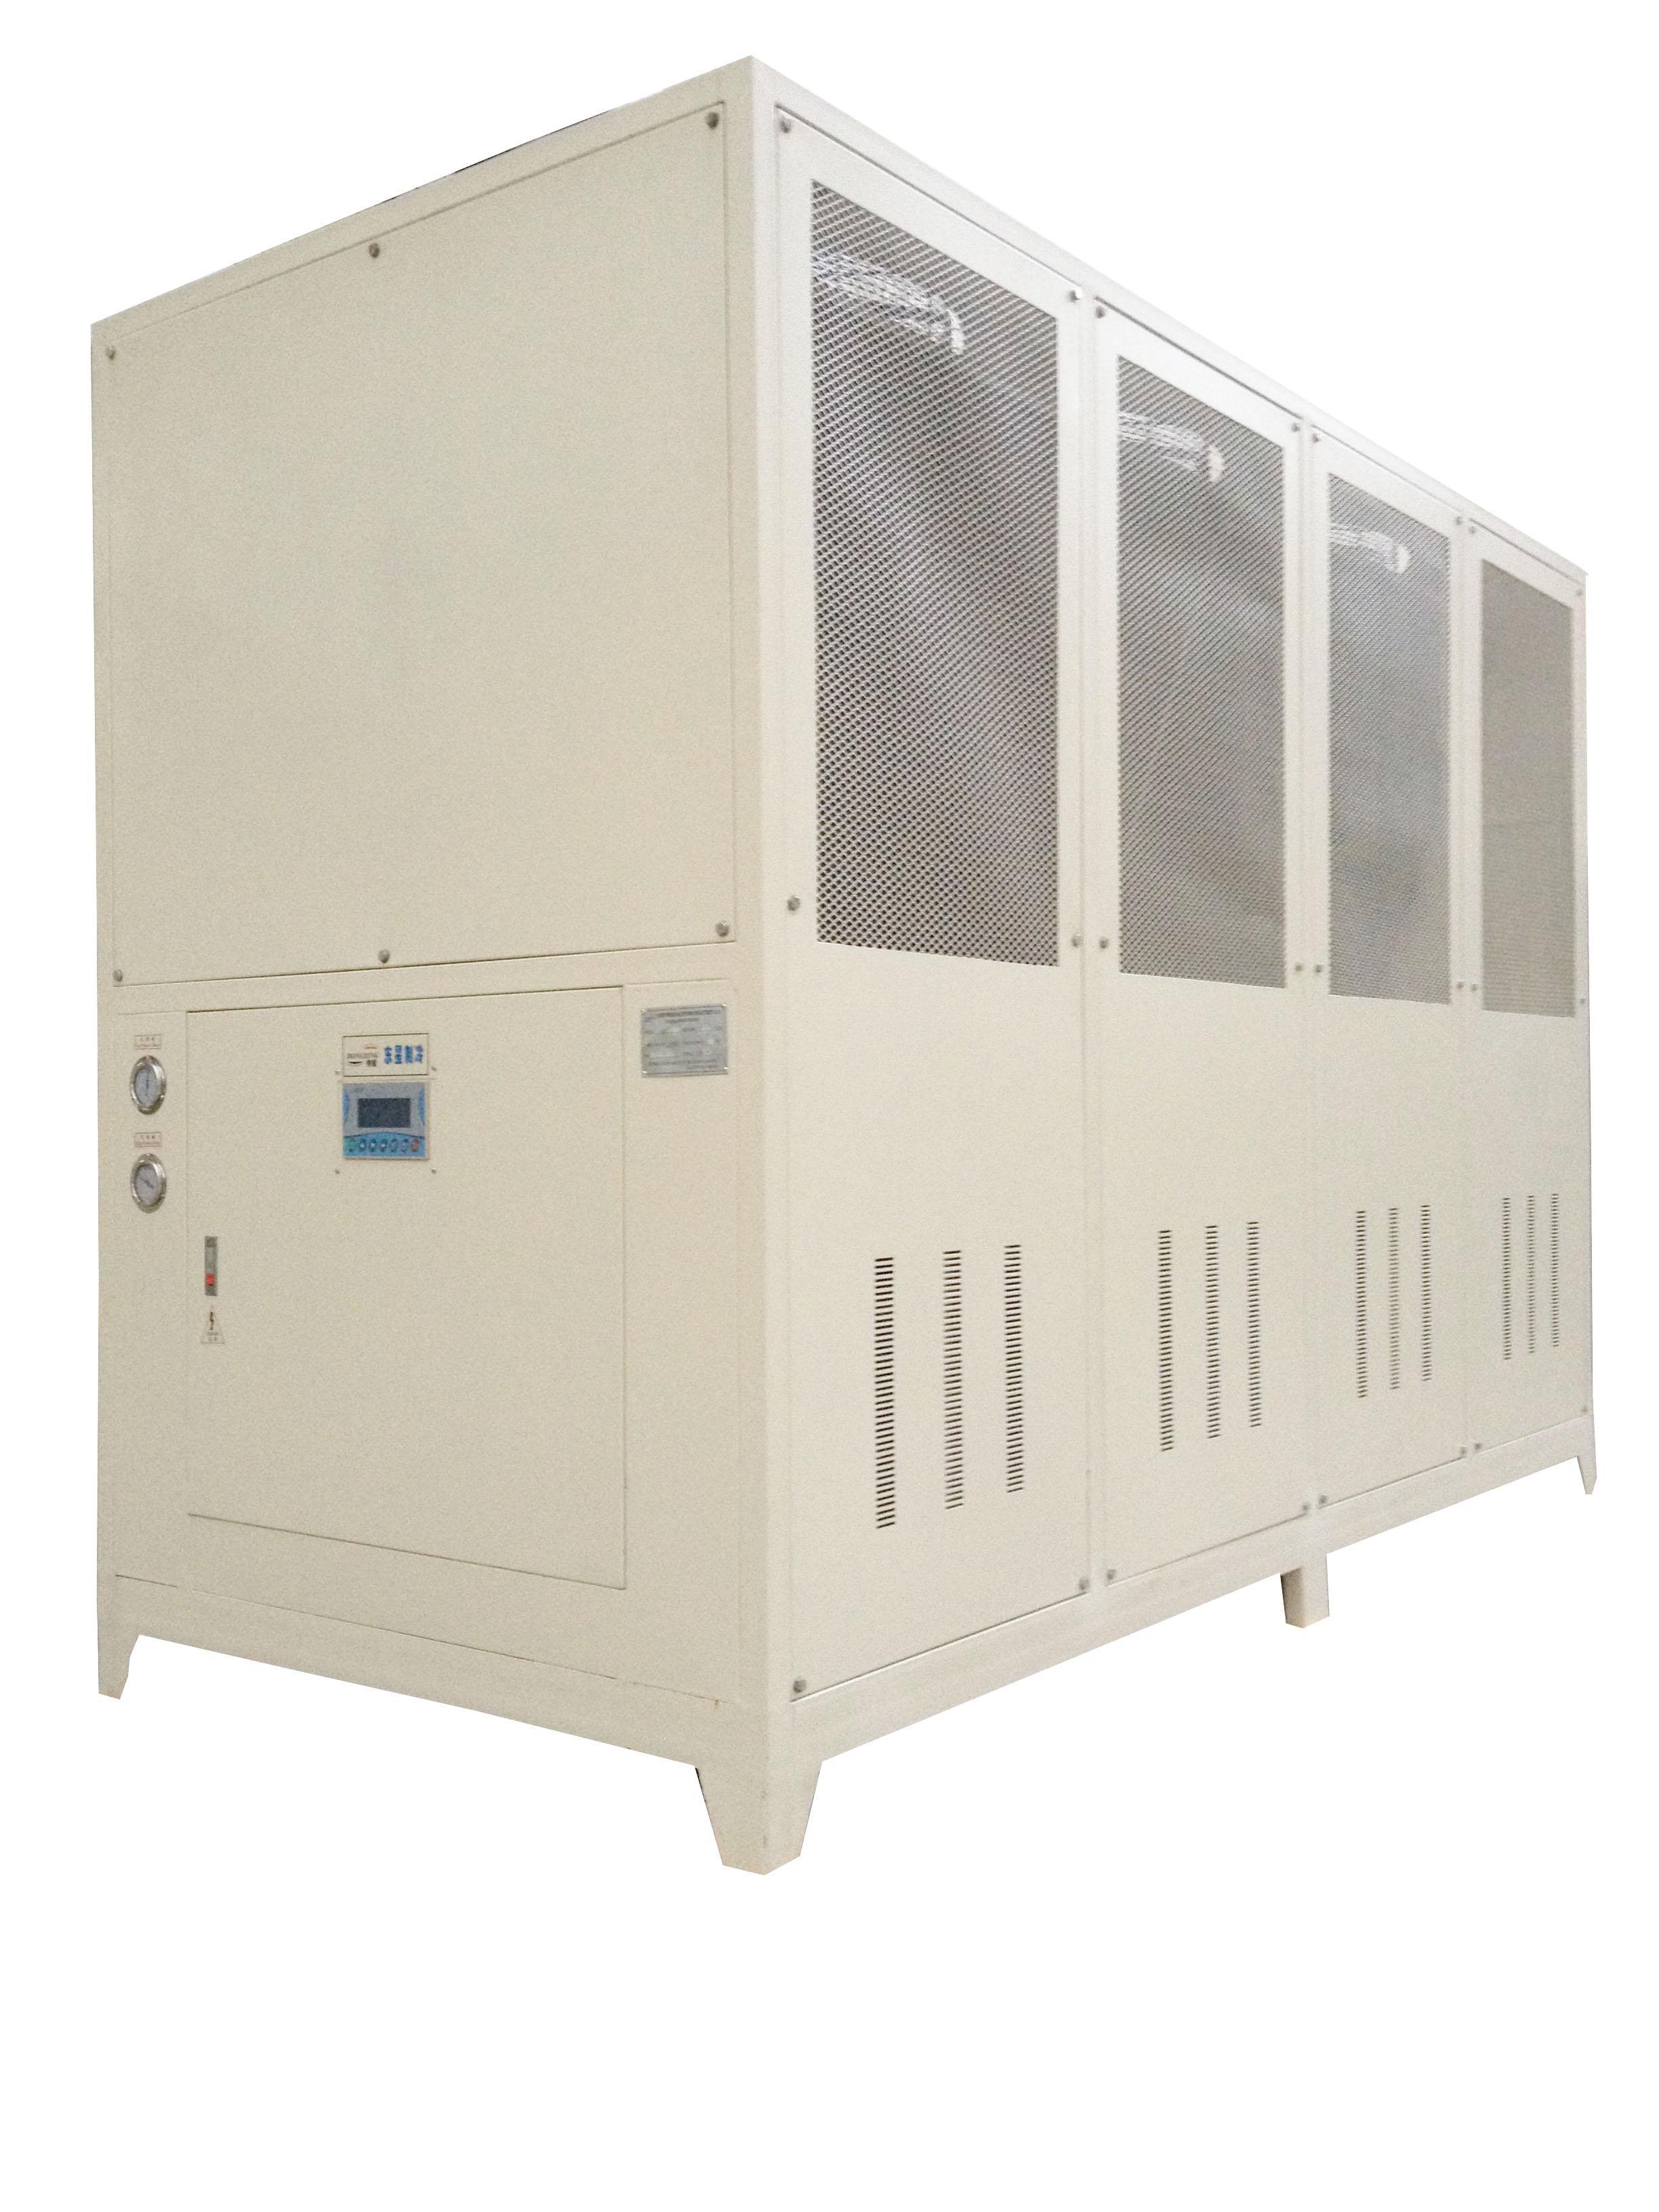 它操作方便,品质优异,设计新颖,是现代工业中不可缺少的一种设备.